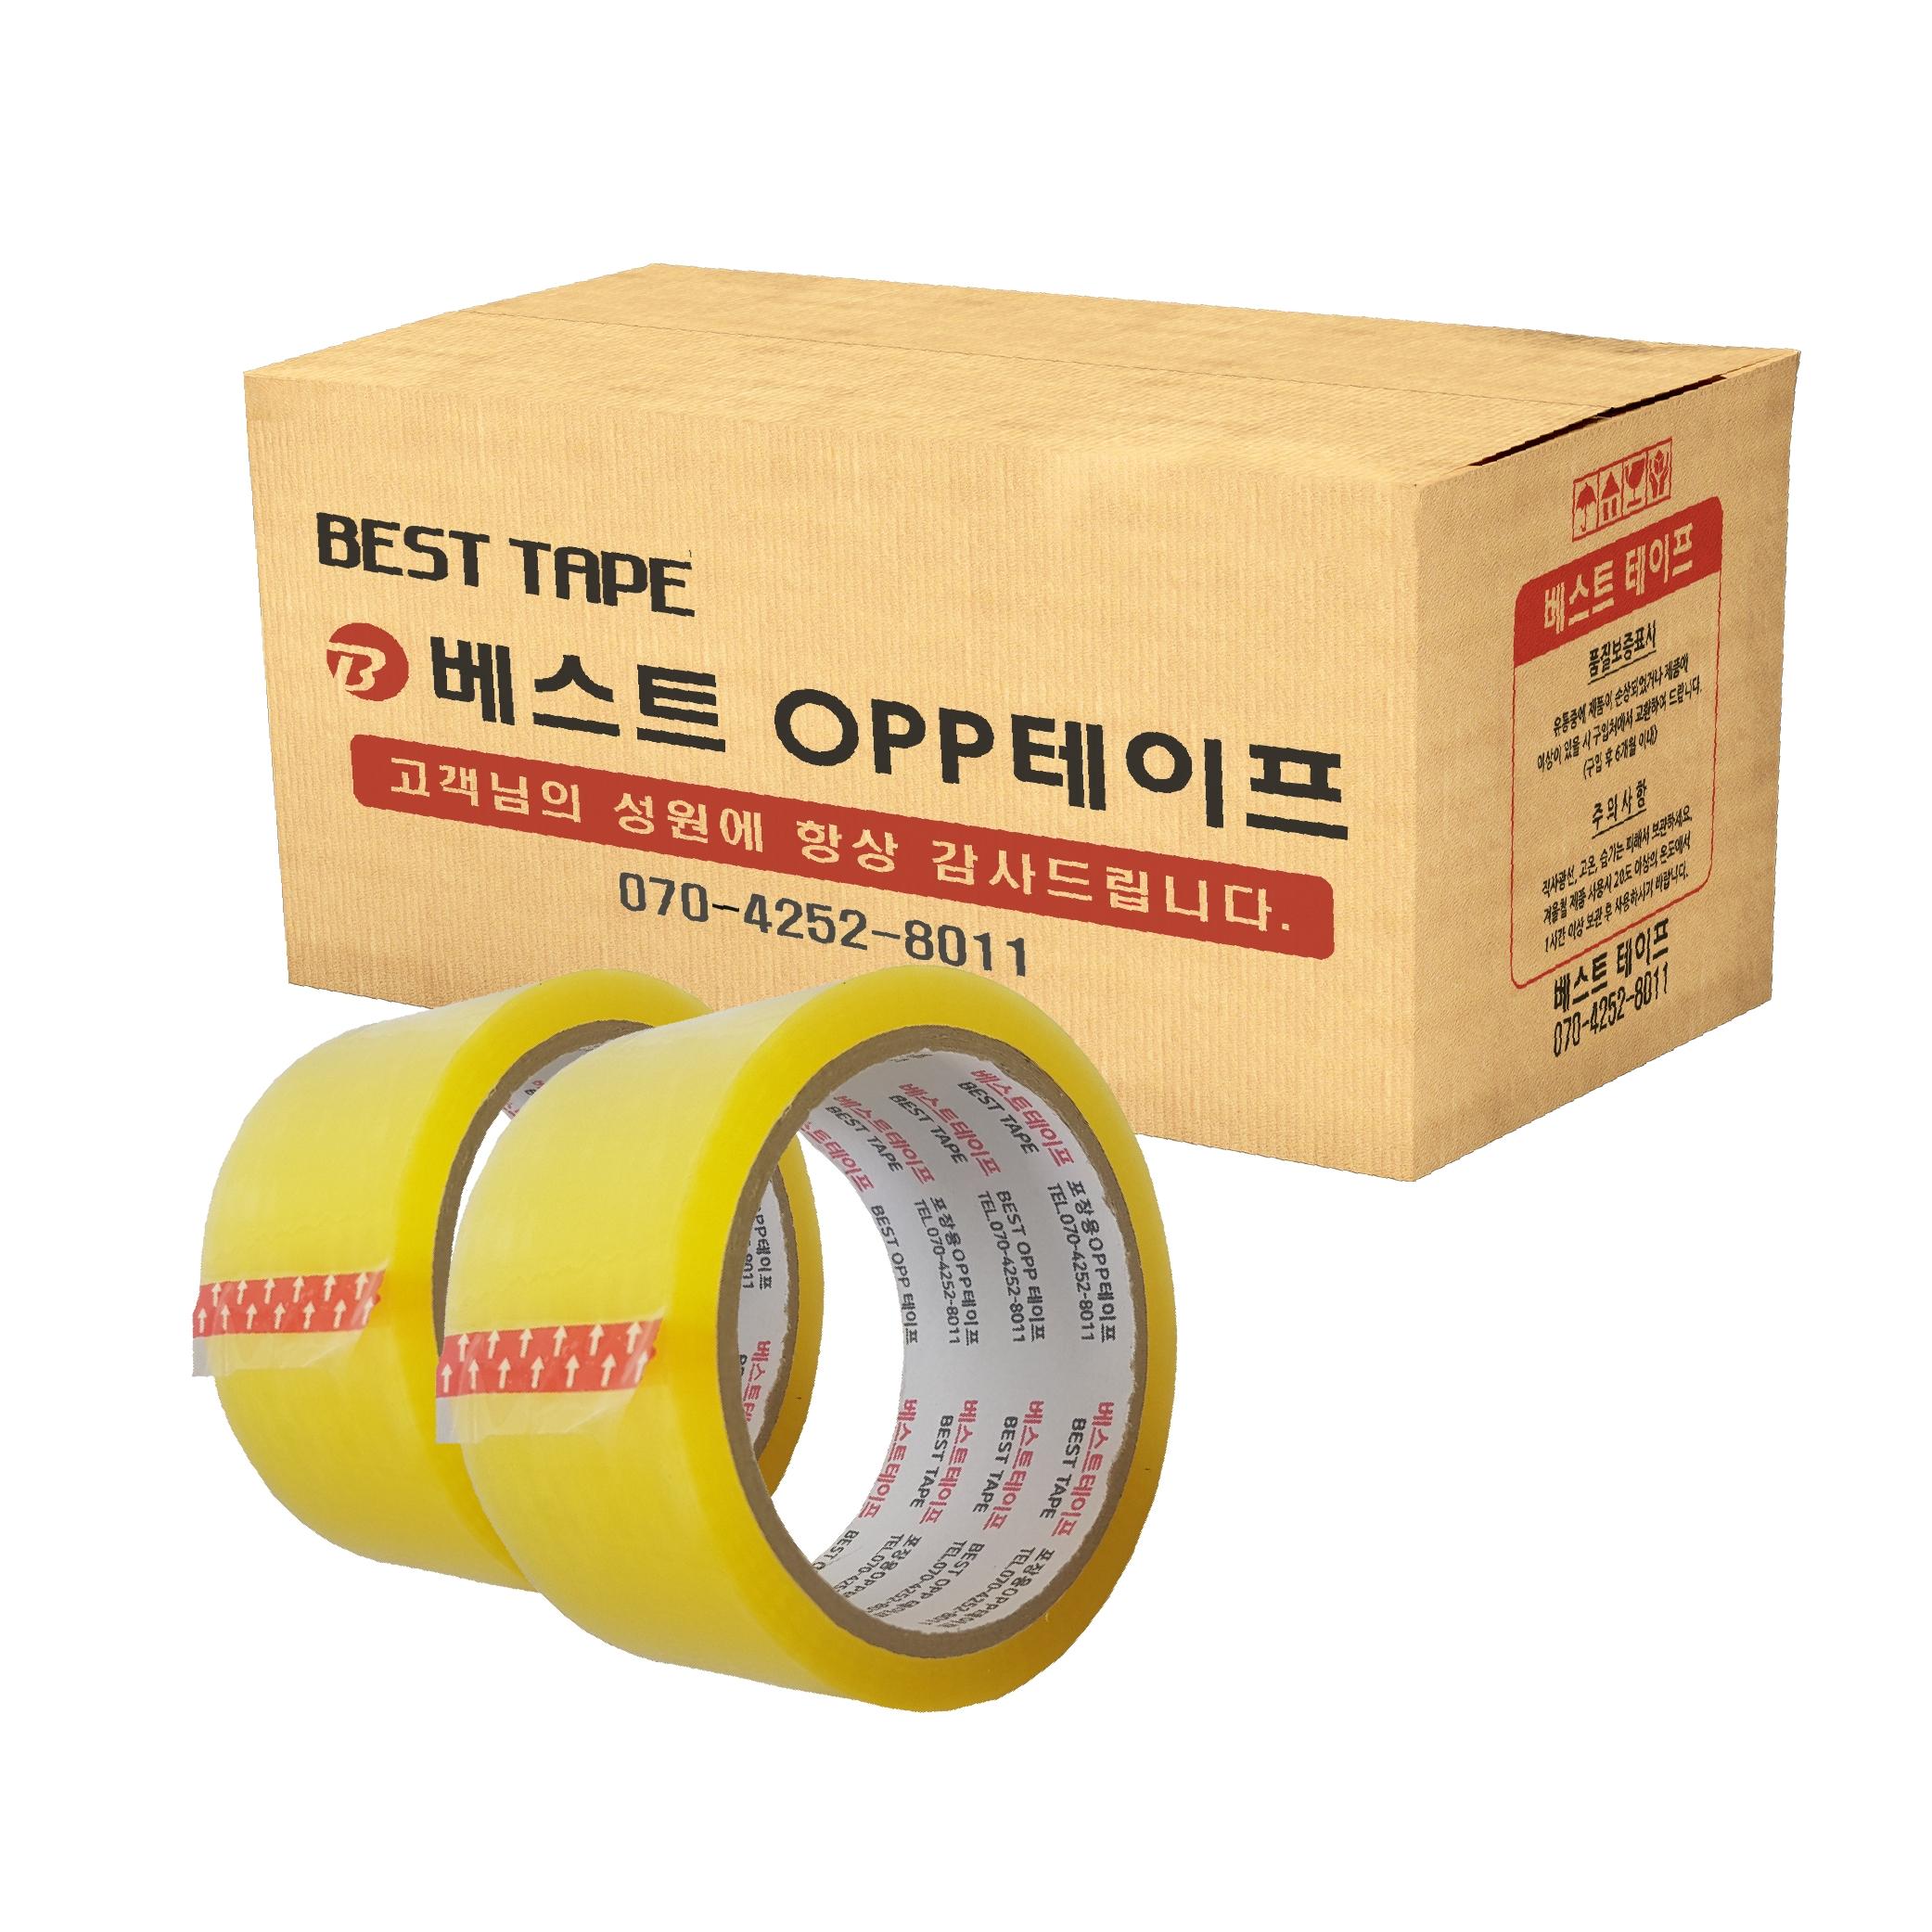 베스트 OPP 테이프 48mm x 40m, 투명, 30개입